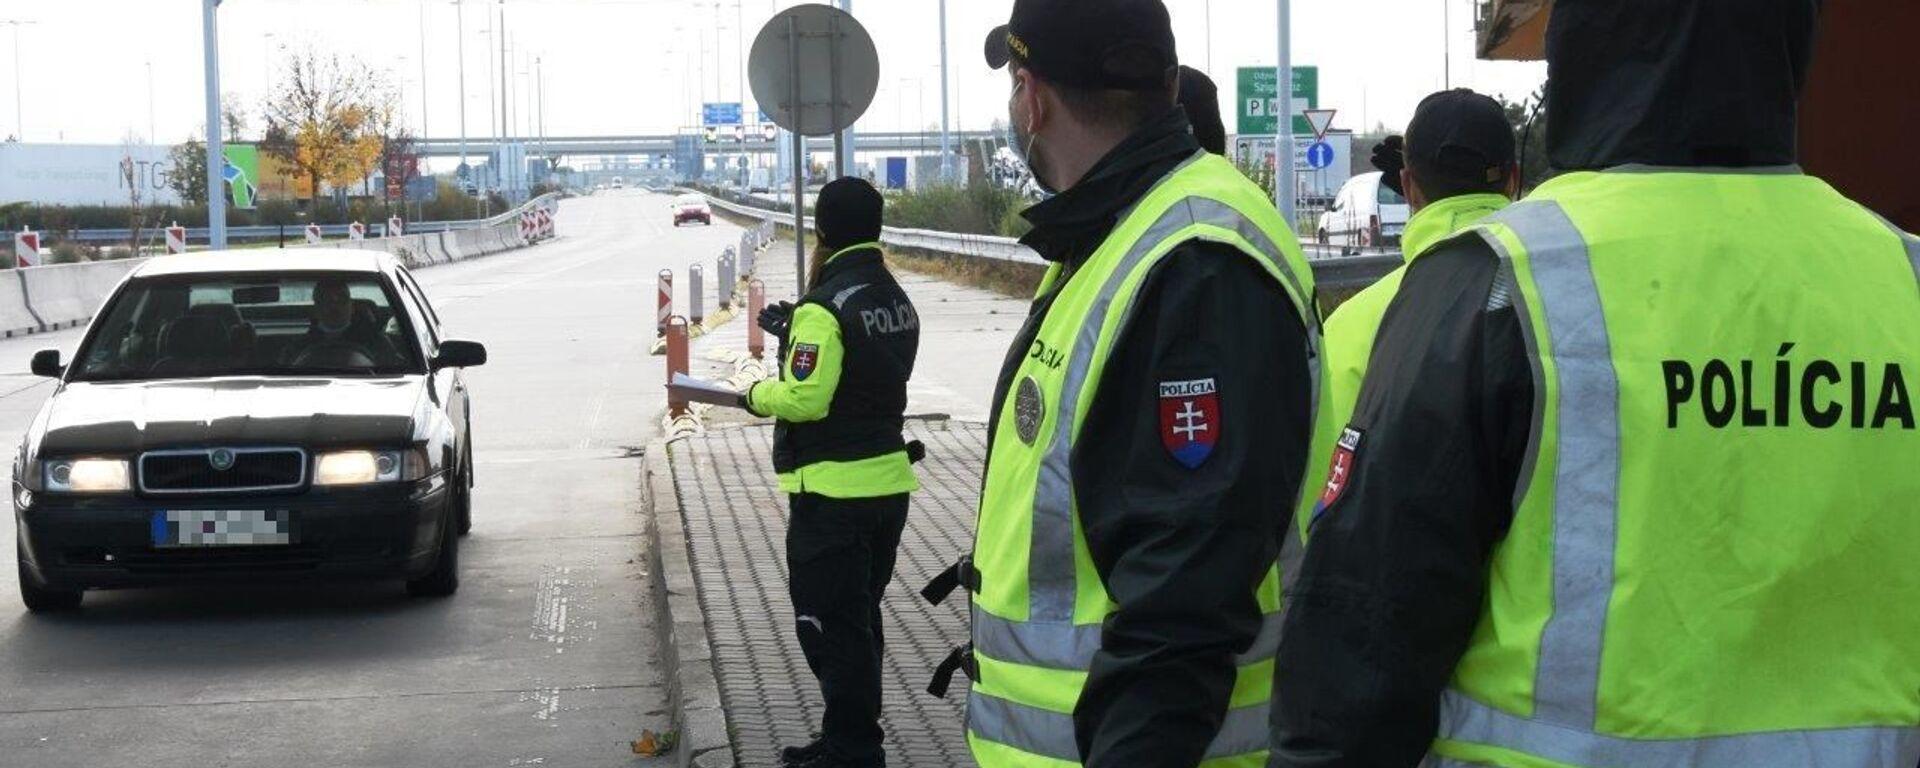 Slovenská policie zavede intenzivní kontroly na hranicích - Sputnik Česká republika, 1920, 04.07.2021